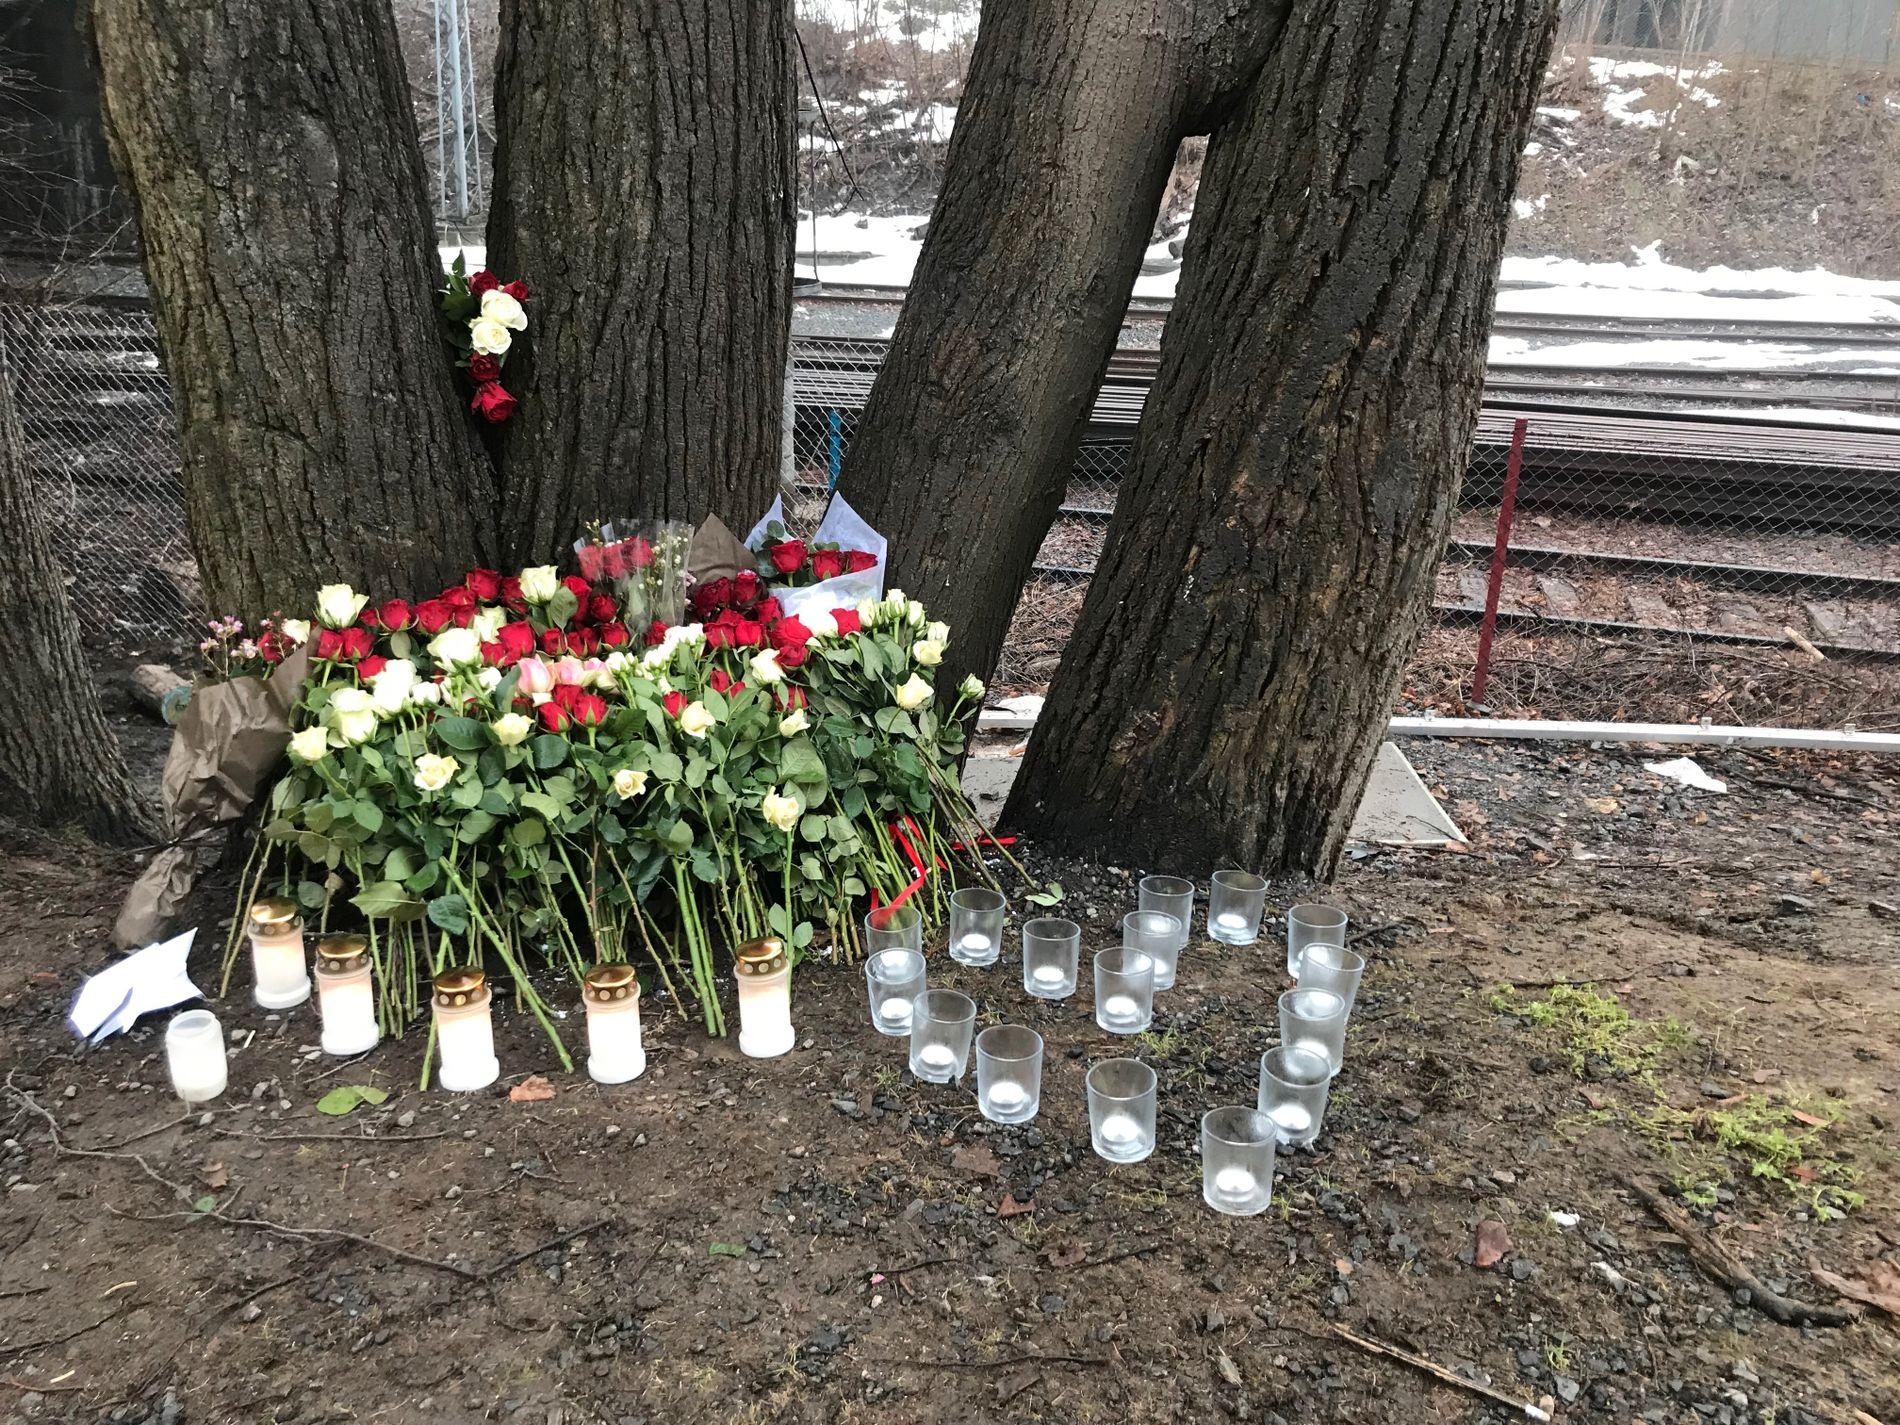 EN DØD, TO SKADET: 15 år gamle Even Warsla Meen omkom i høyspentulykken på Filipstad i februar i år. Blomster og lys ble lagt ned på stedet kort tid etterpå.